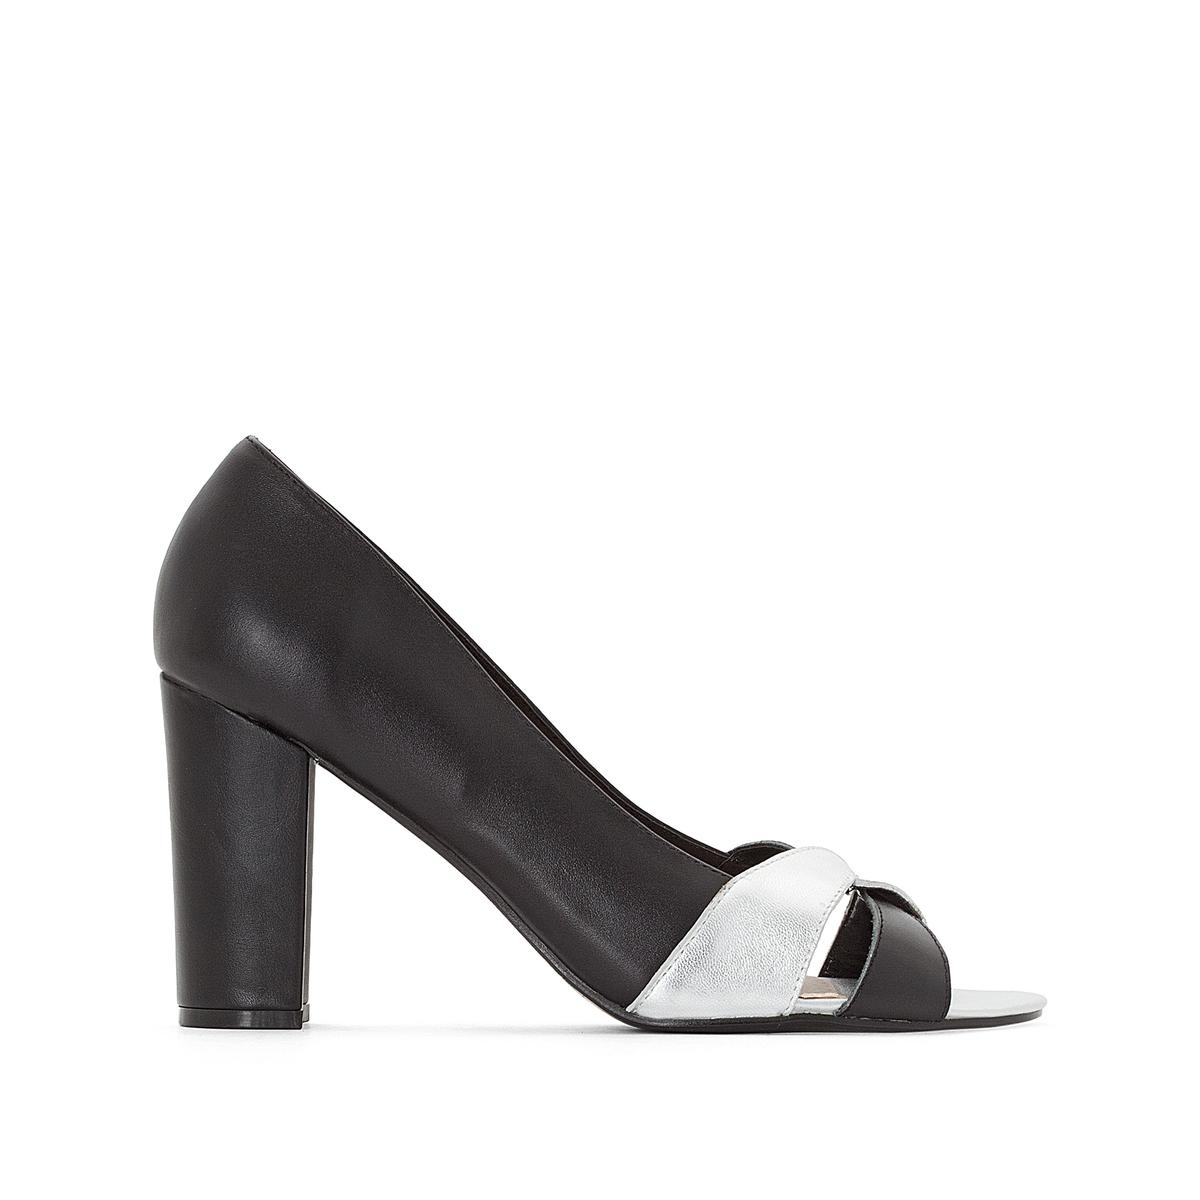 цена на Туфли La Redoute Кожаные двухцветные подходят для широкой стопы размеры - 44 черный